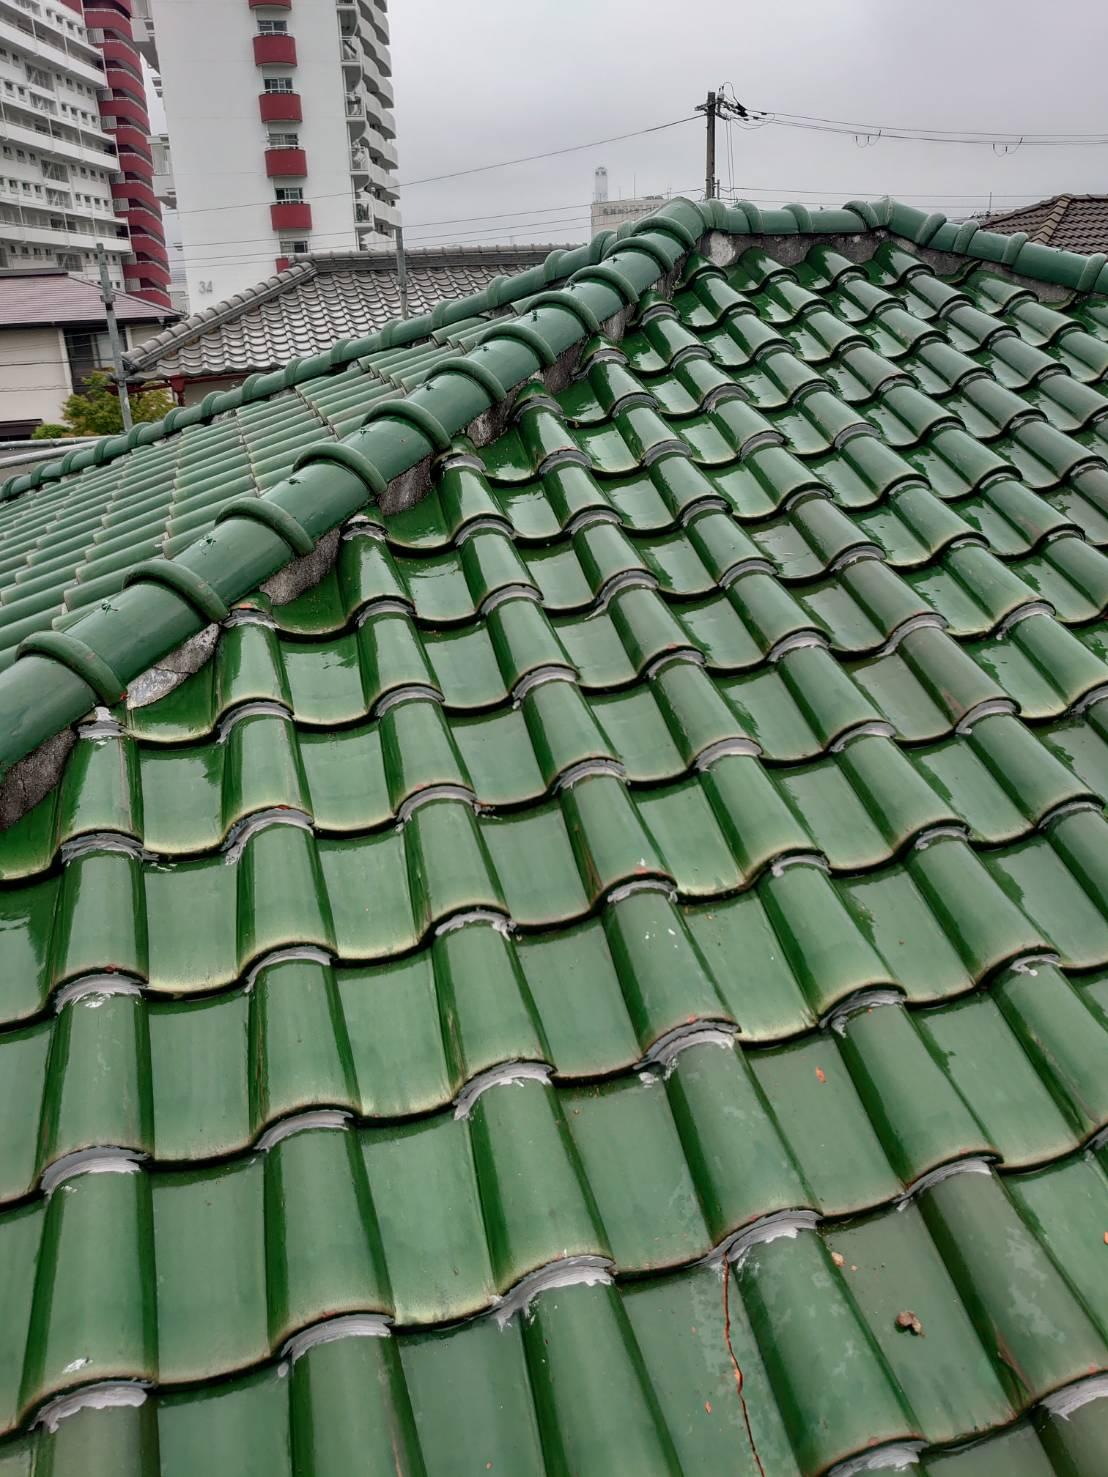 大雨により雨漏り被害を受けた瓦屋根の様子